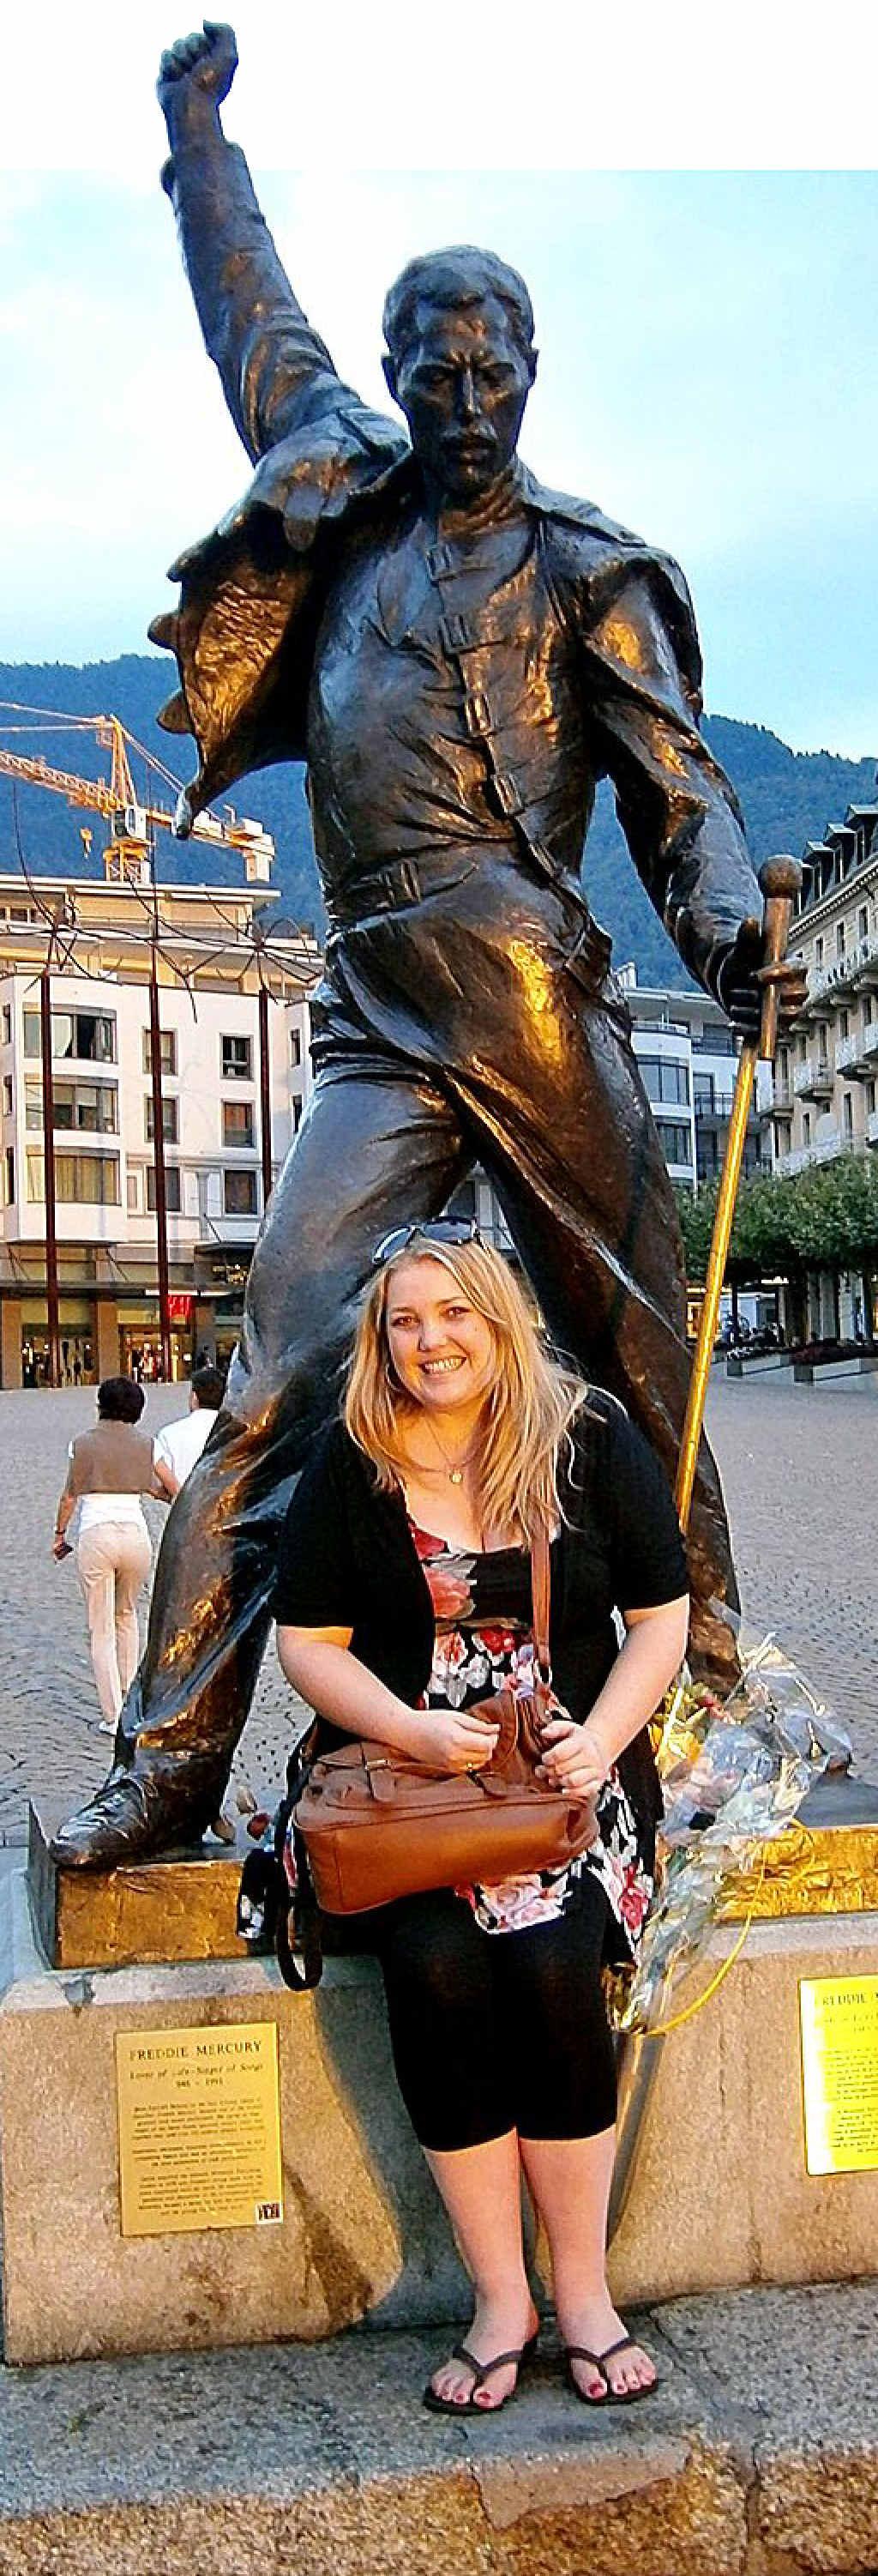 Kristy Muir at the Freddie Mercury Memorial in Montreux.